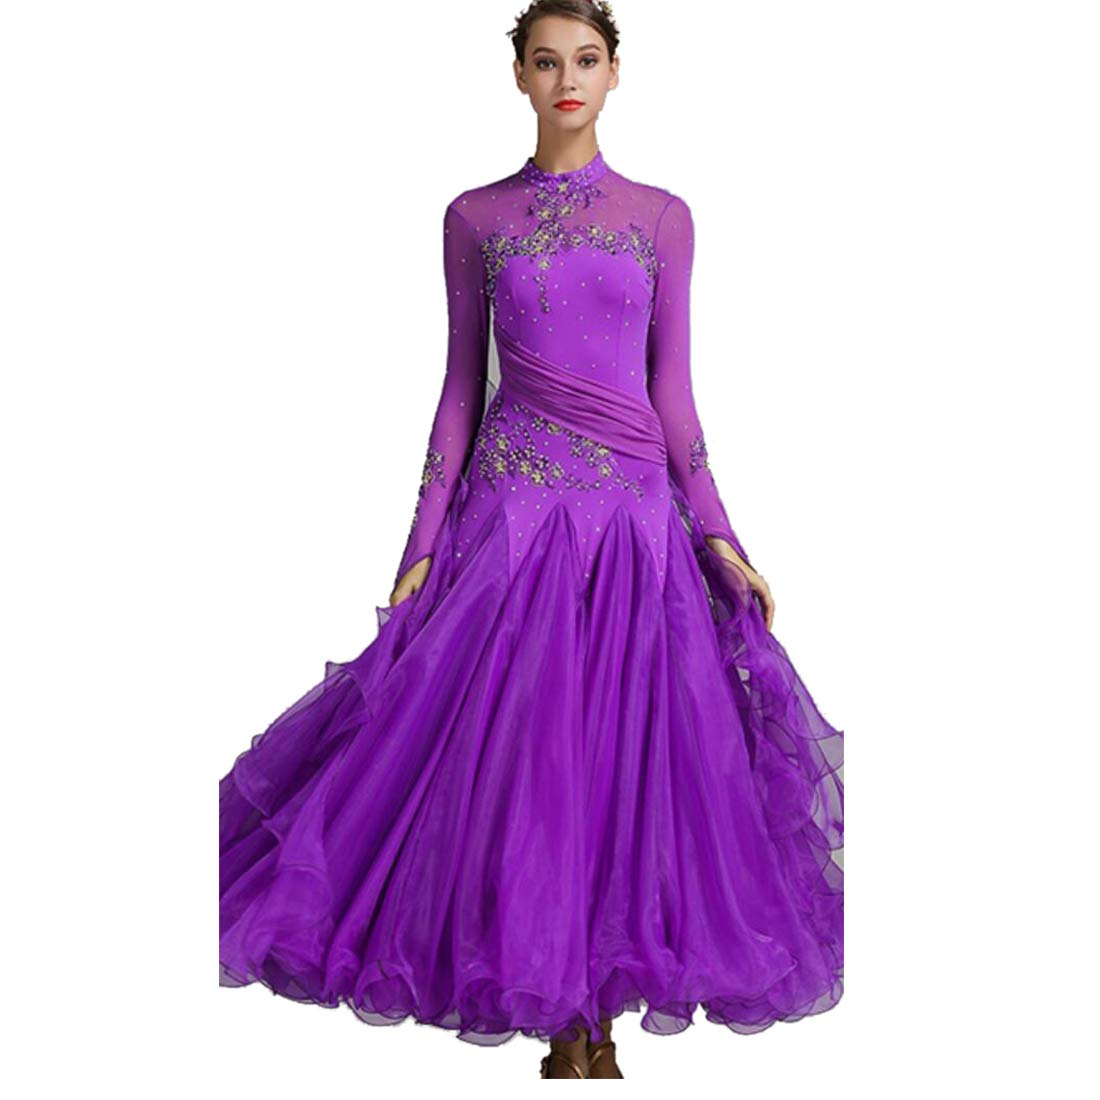 I XL SMACO Femmes Modernes Valse Tango Danse VêteHommests Standard Robes de Concours de Danse de Salon